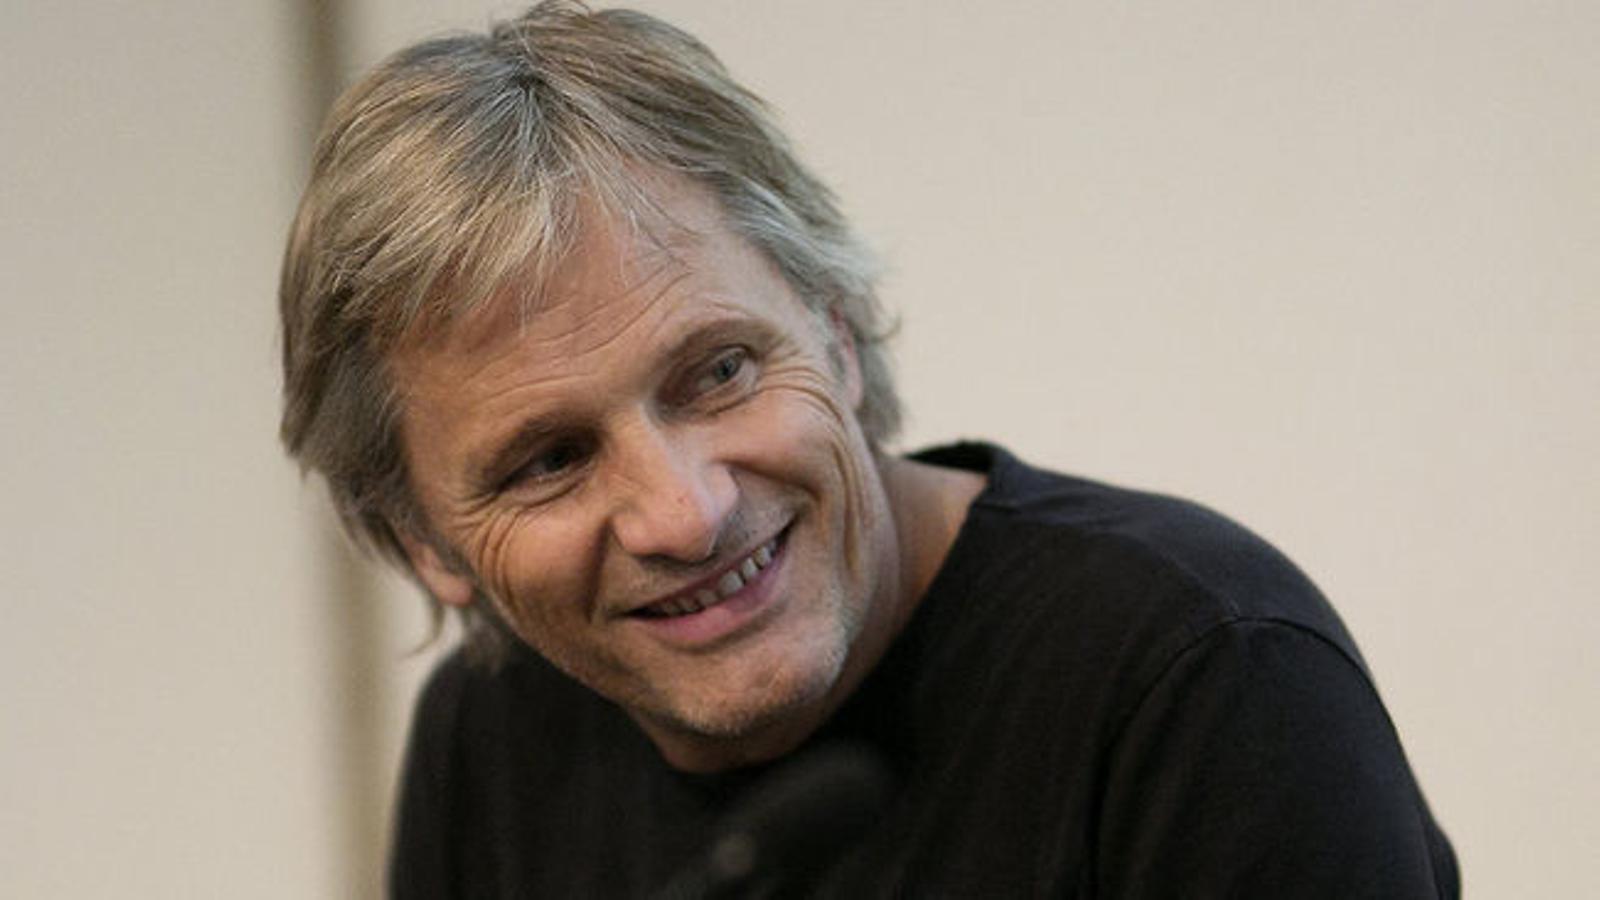 L'actor Viggo Mortensen, nou soci d'Òmnium